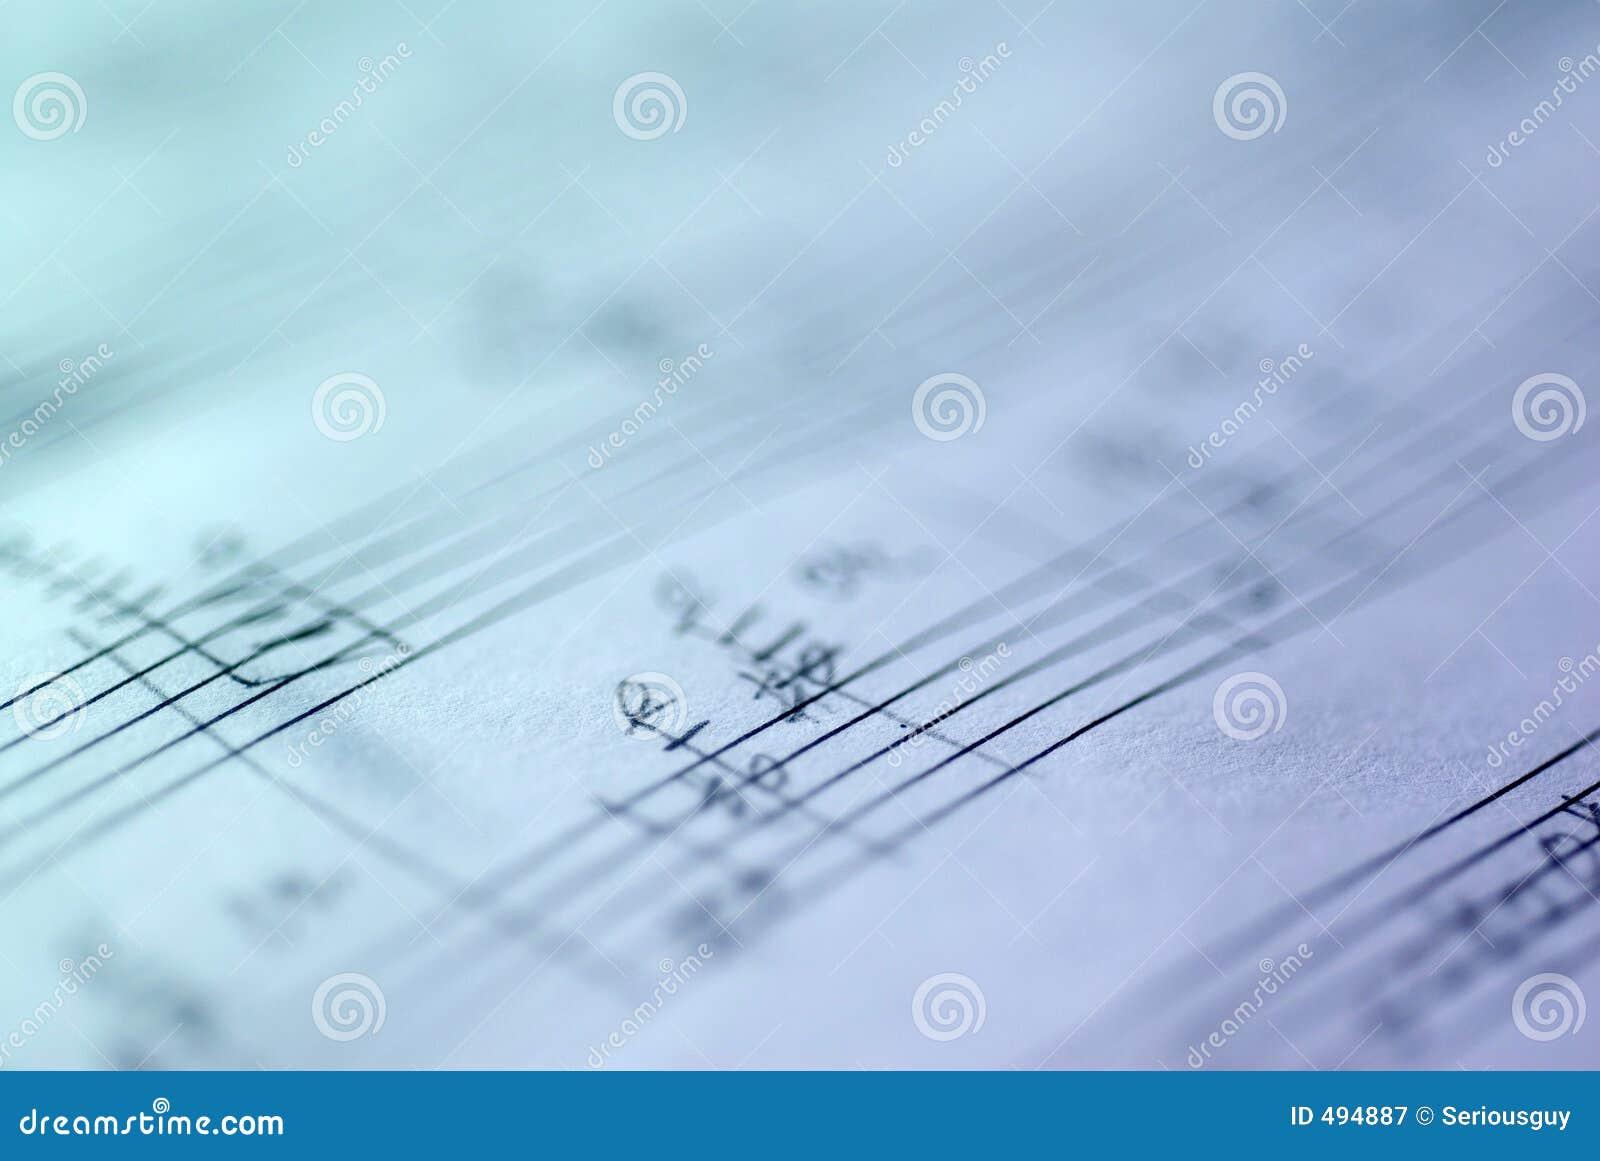 рукописный музыкальный счет